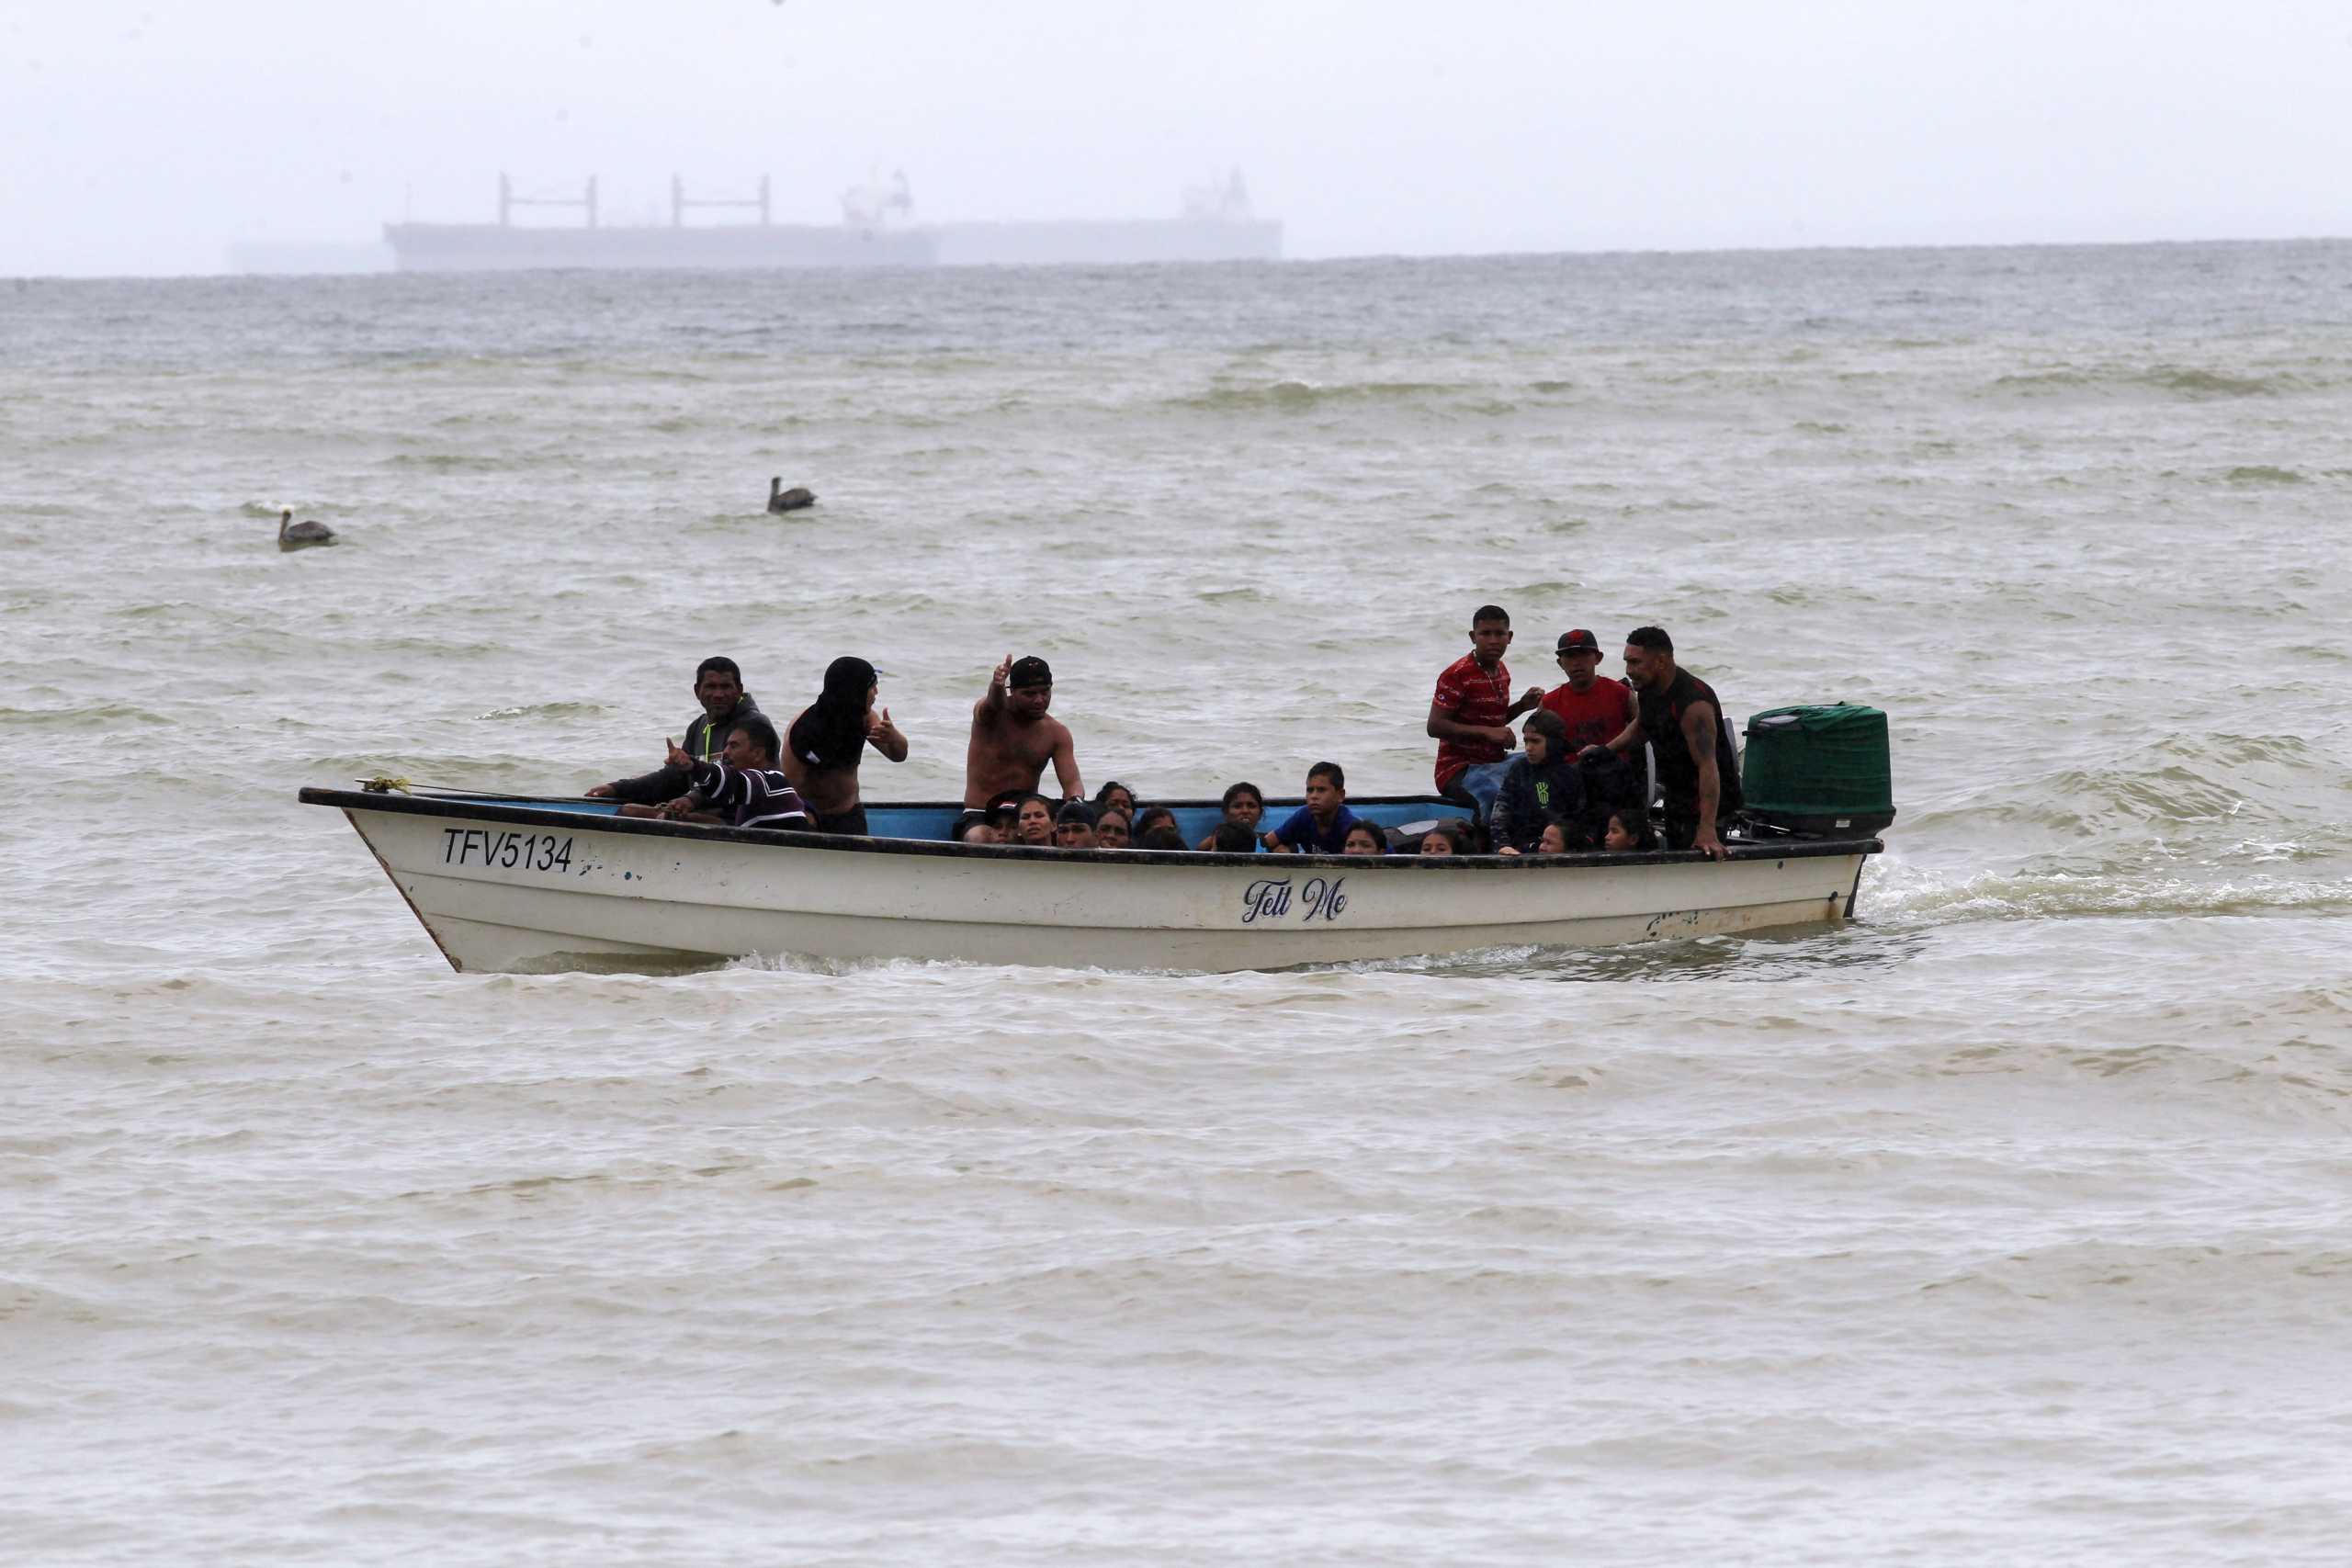 Τουλάχιστον 20 μετανάστες νεκροί σε ναυάγιο στην Βενεζουέλα